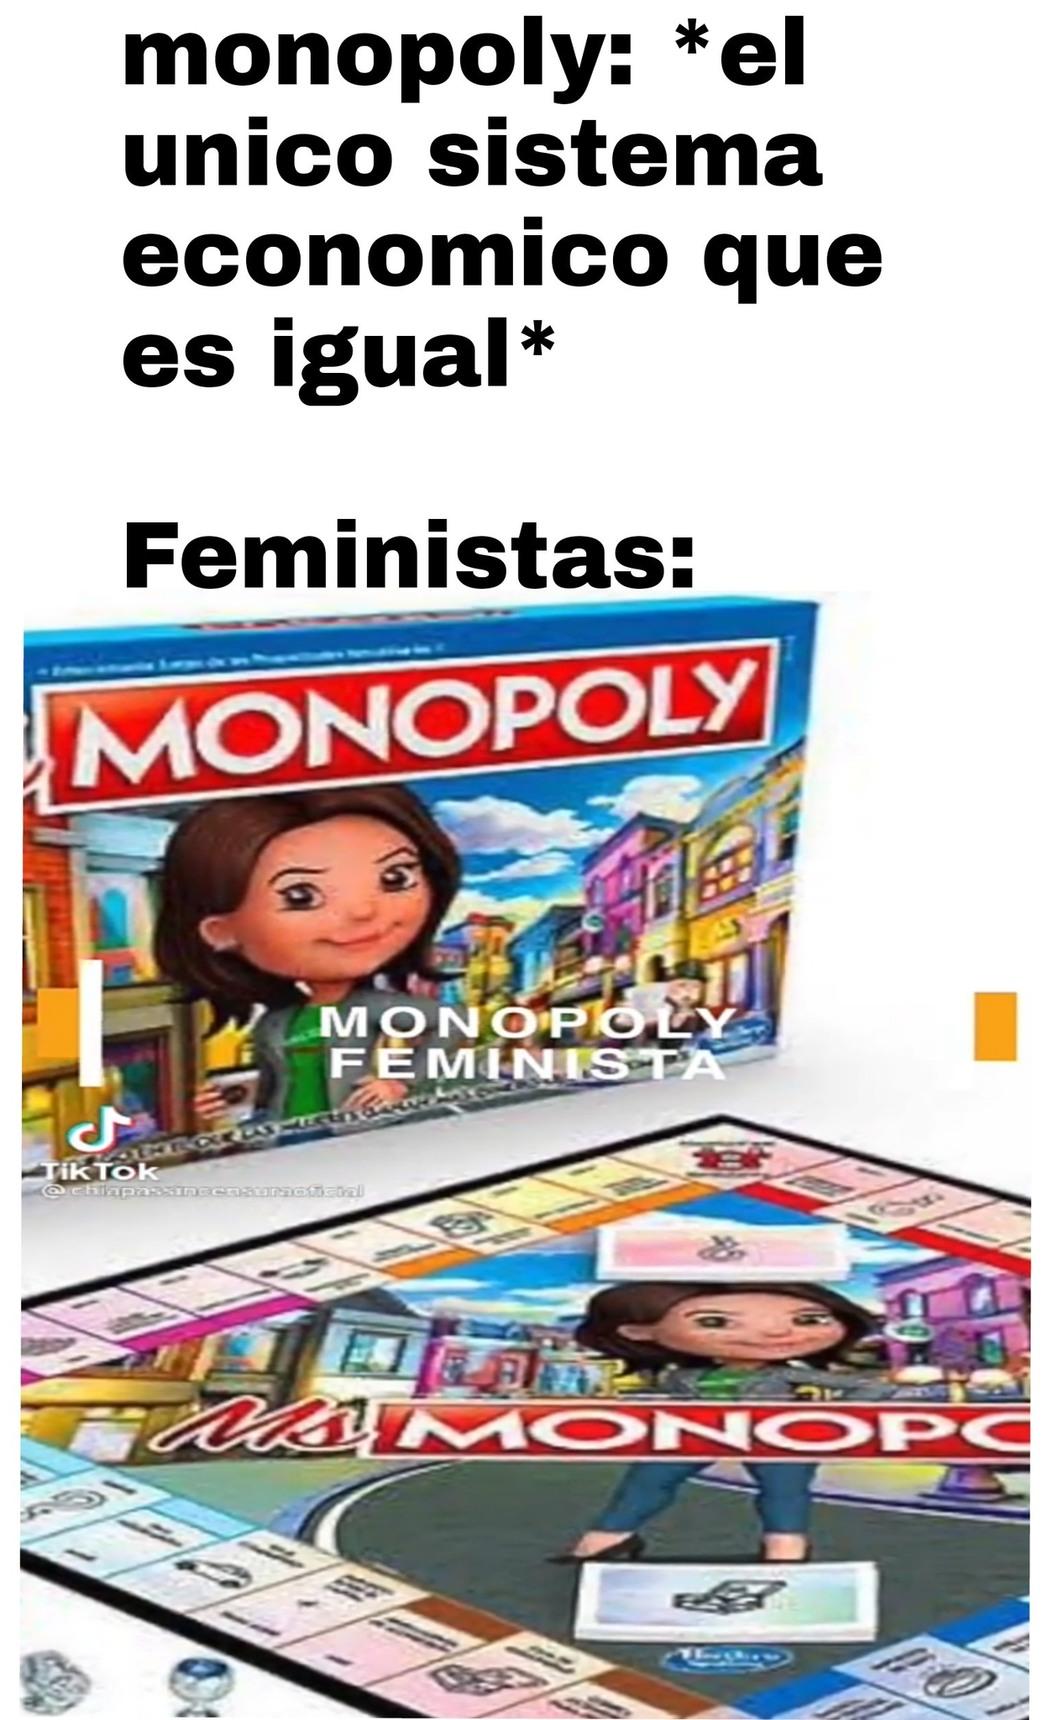 Que culpa tiene el monopoly? - meme